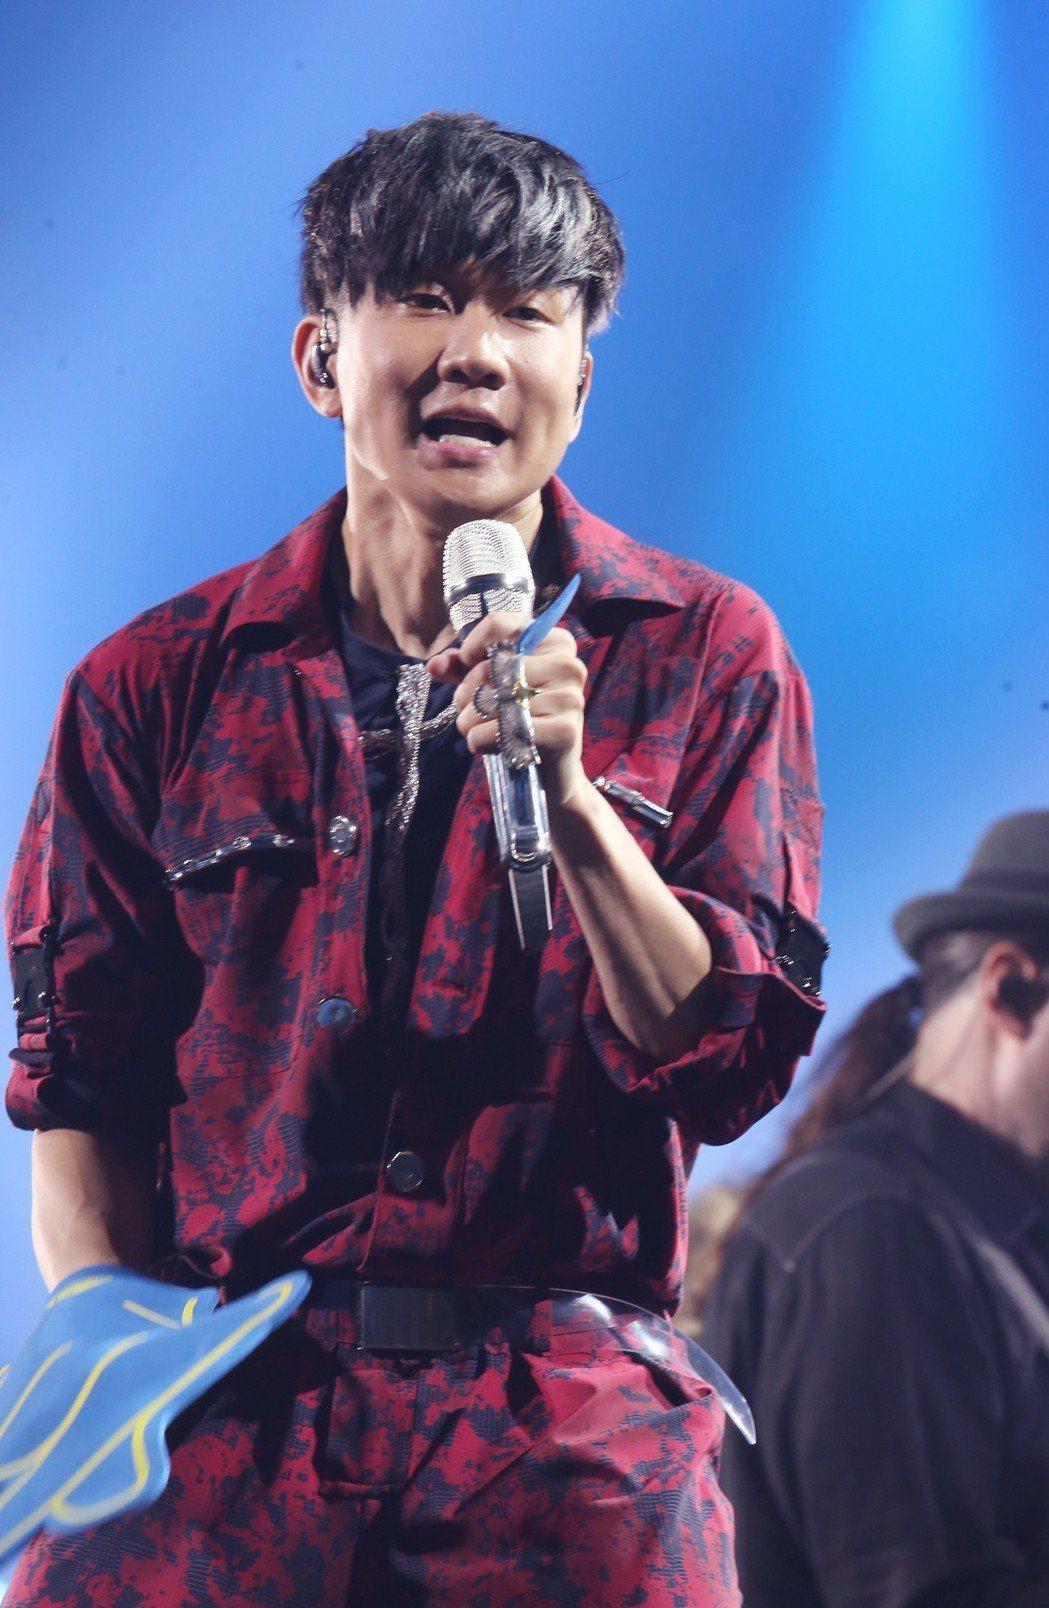 林俊傑(JJ)在小巨蛋進行「聖所」世界巡演。記者徐兆玄/攝影